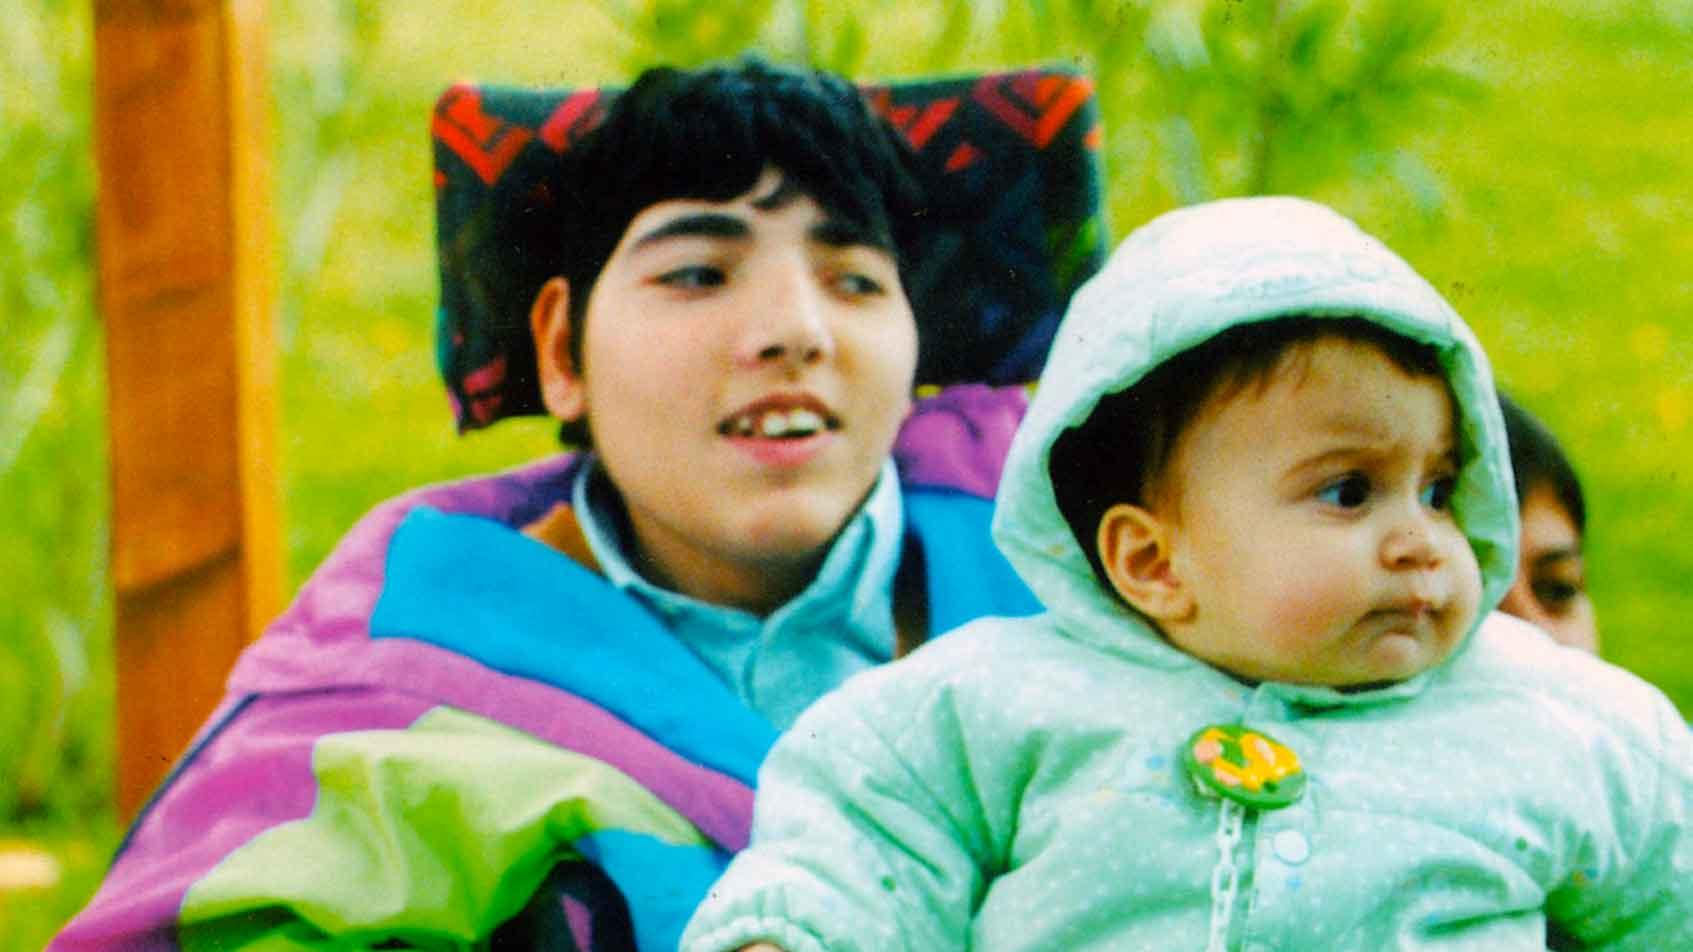 ARMANDO sa conquistare gli altri con il suo sorriso. Giulia, la figlia di un assistente, sta bene con lui. - Ombre e Luci n. 64 - 1998 - Foto Guenda